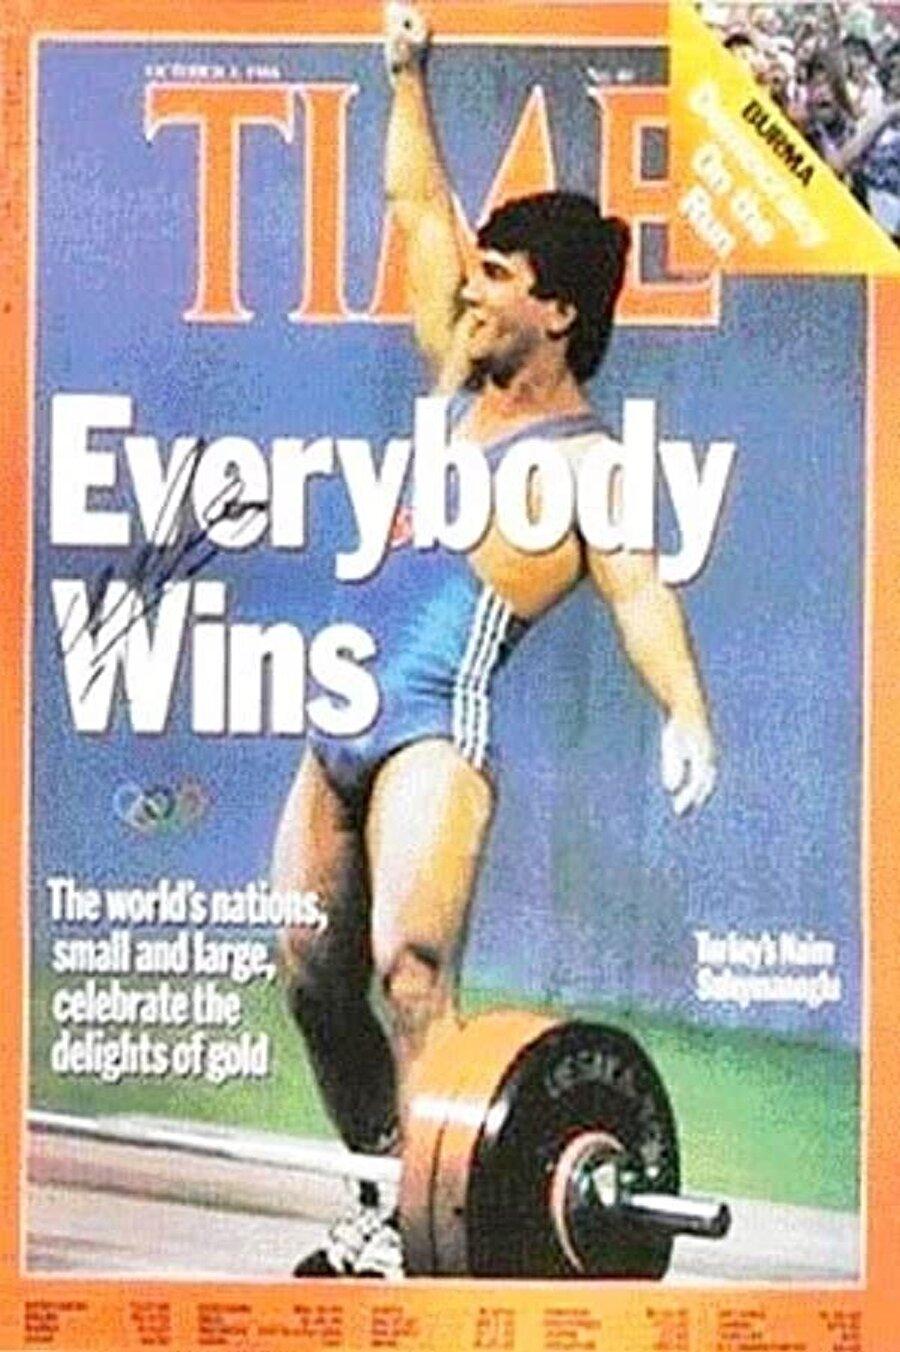 Dünyaca ünlü Amerikan Dergisi Time'a kapak olan tek Türk sporcu, Naim Süleymanoğlu'dur. Naim Süleymanoğlu bu kapaktan sonra, dönemin ABD başkanı Reagan ile 1 saate yakın görüşmüştü.